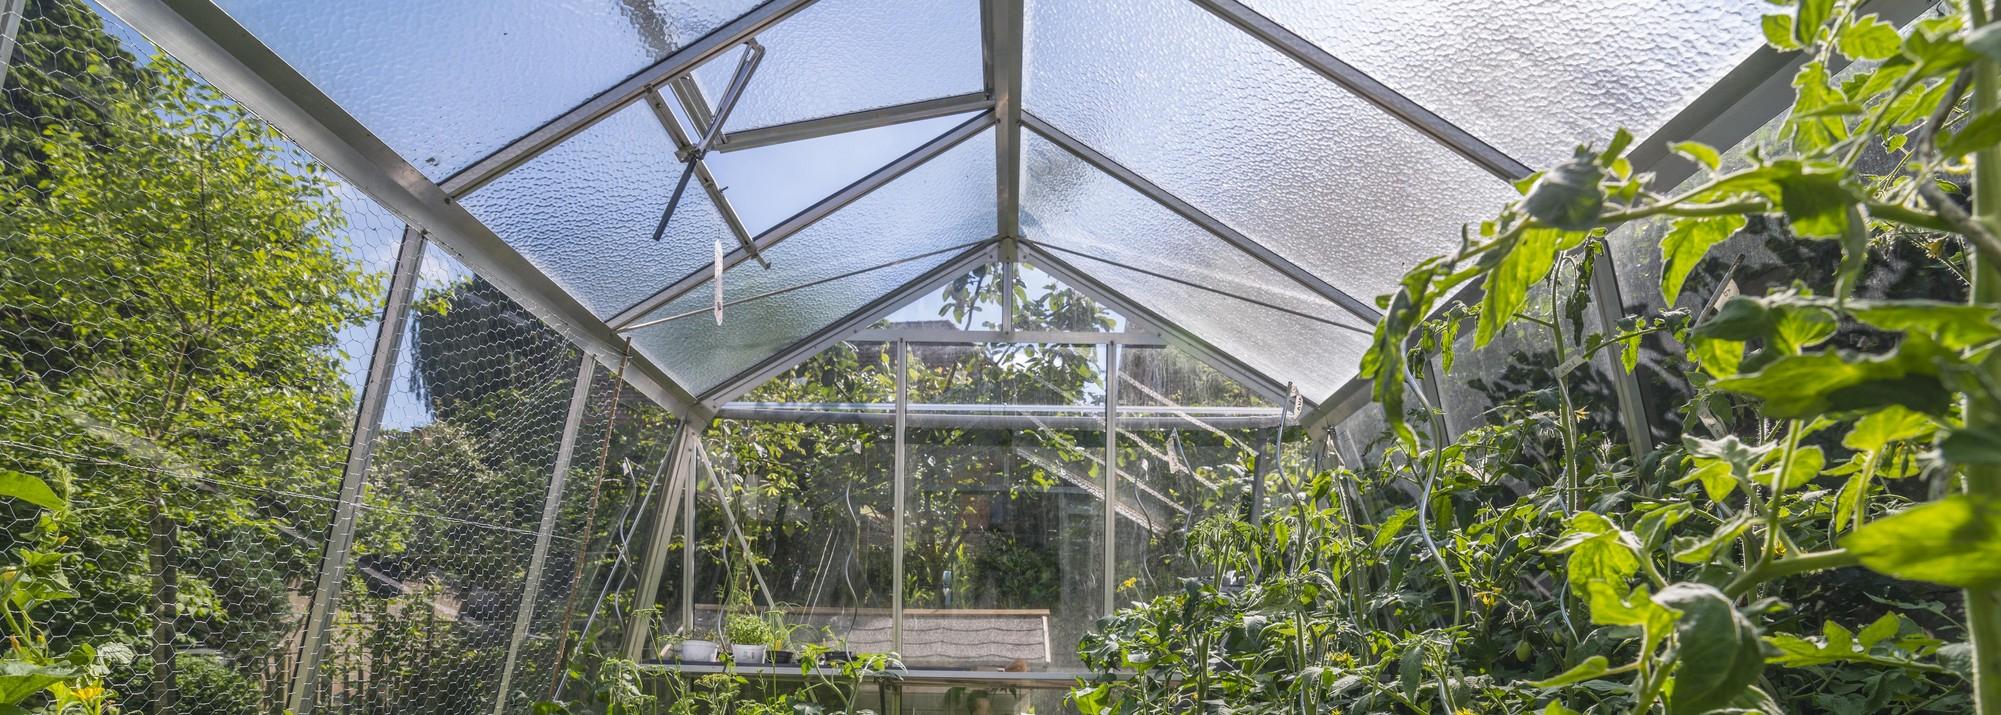 Serres : Matériel Pour Le Potager Et Potager - Botanic® destiné Fonctionnement D Une Serre De Jardin